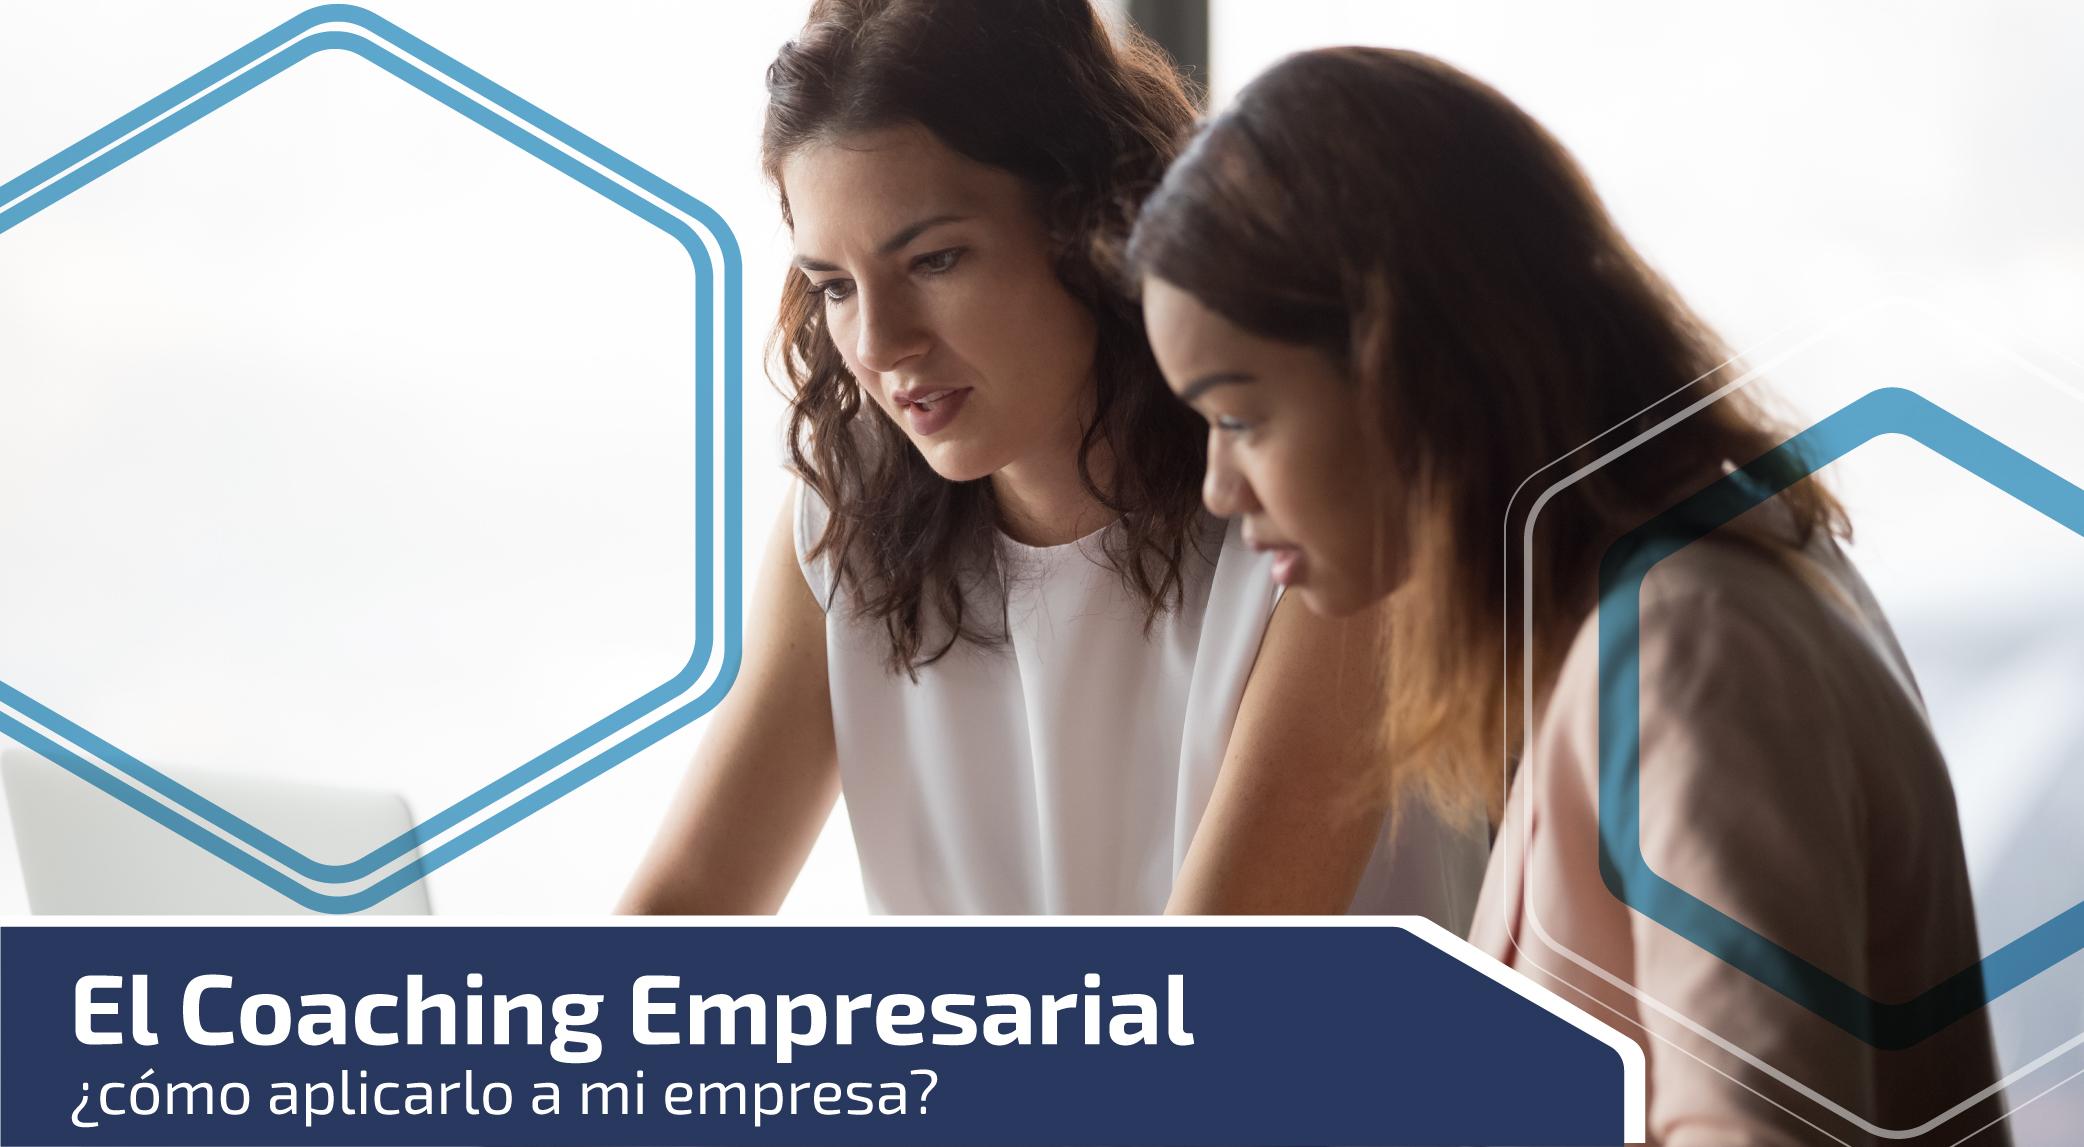 El Coaching Empresarial ¿cómo aplicarlo a mi empresa?